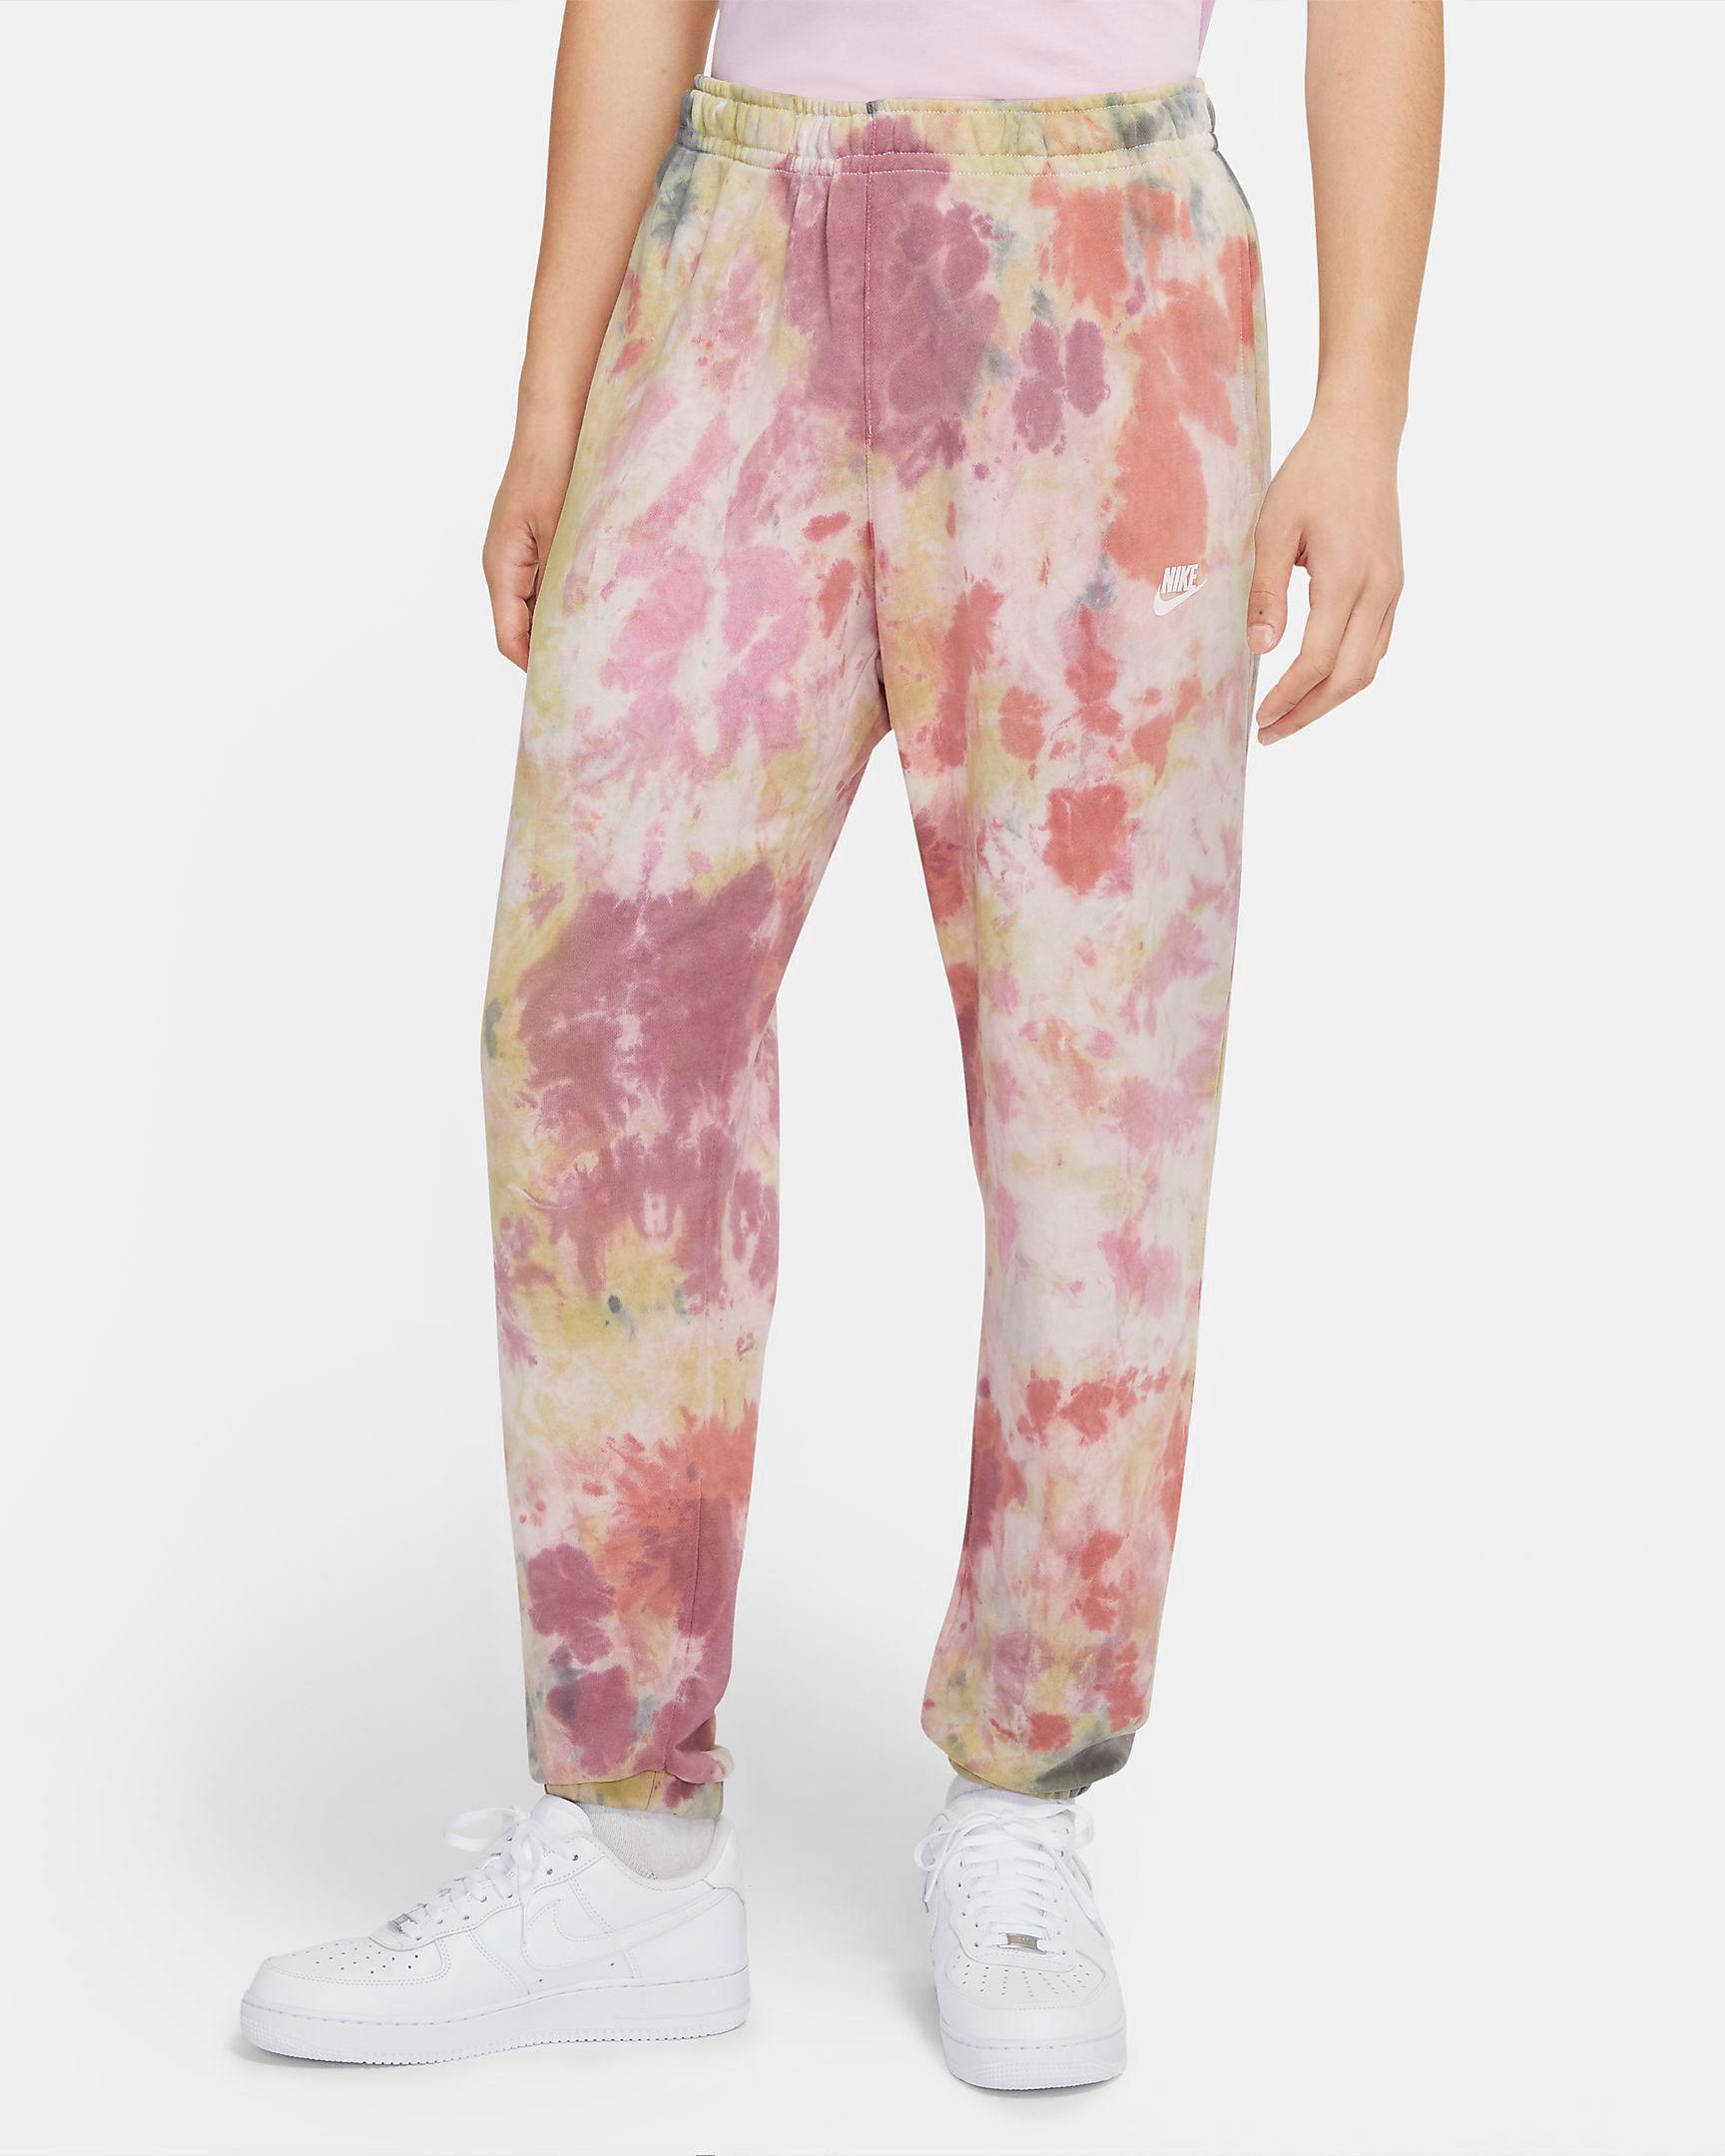 nike-air-max-1-pink-strawberry-lemonade-pants